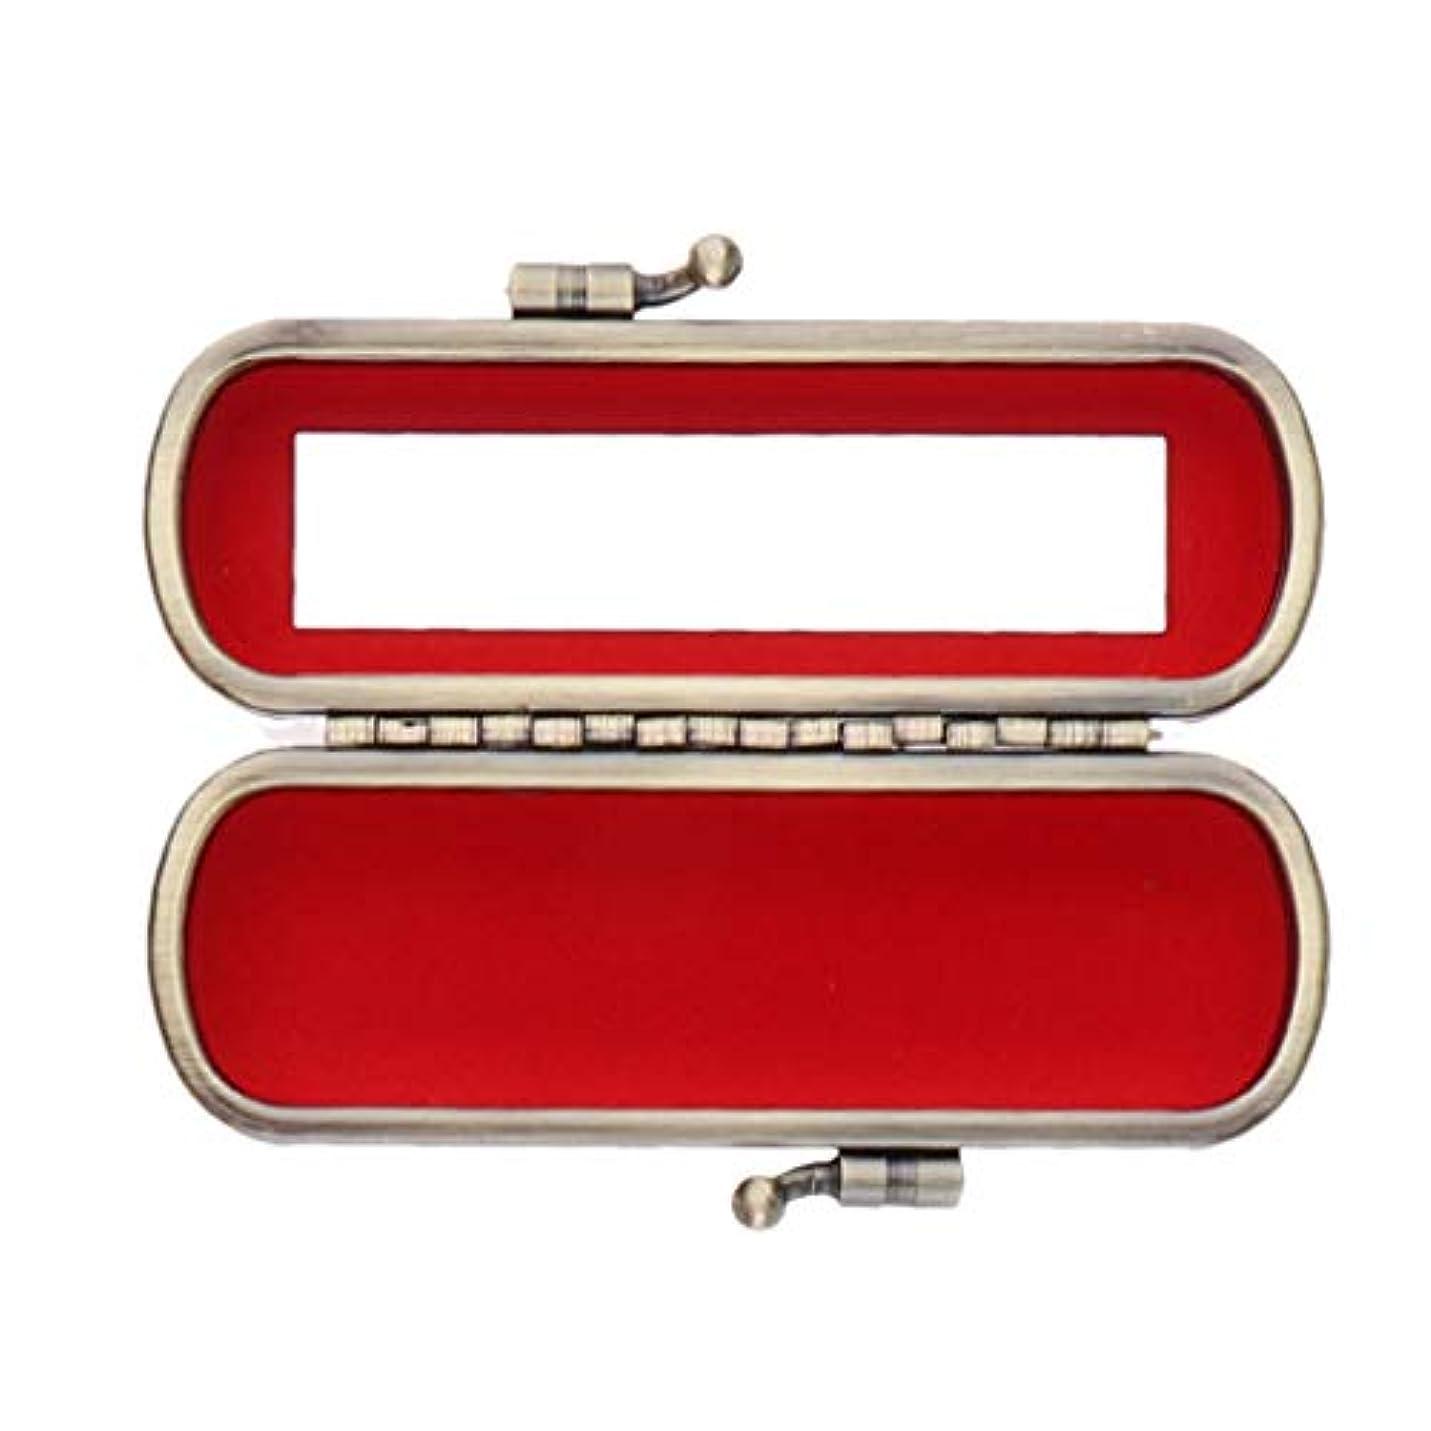 ごめんなさい充実敬意財布用ミラーオーガナイザーバッグ付きかわいいレザーリップスティックリップクリームケース - 赤